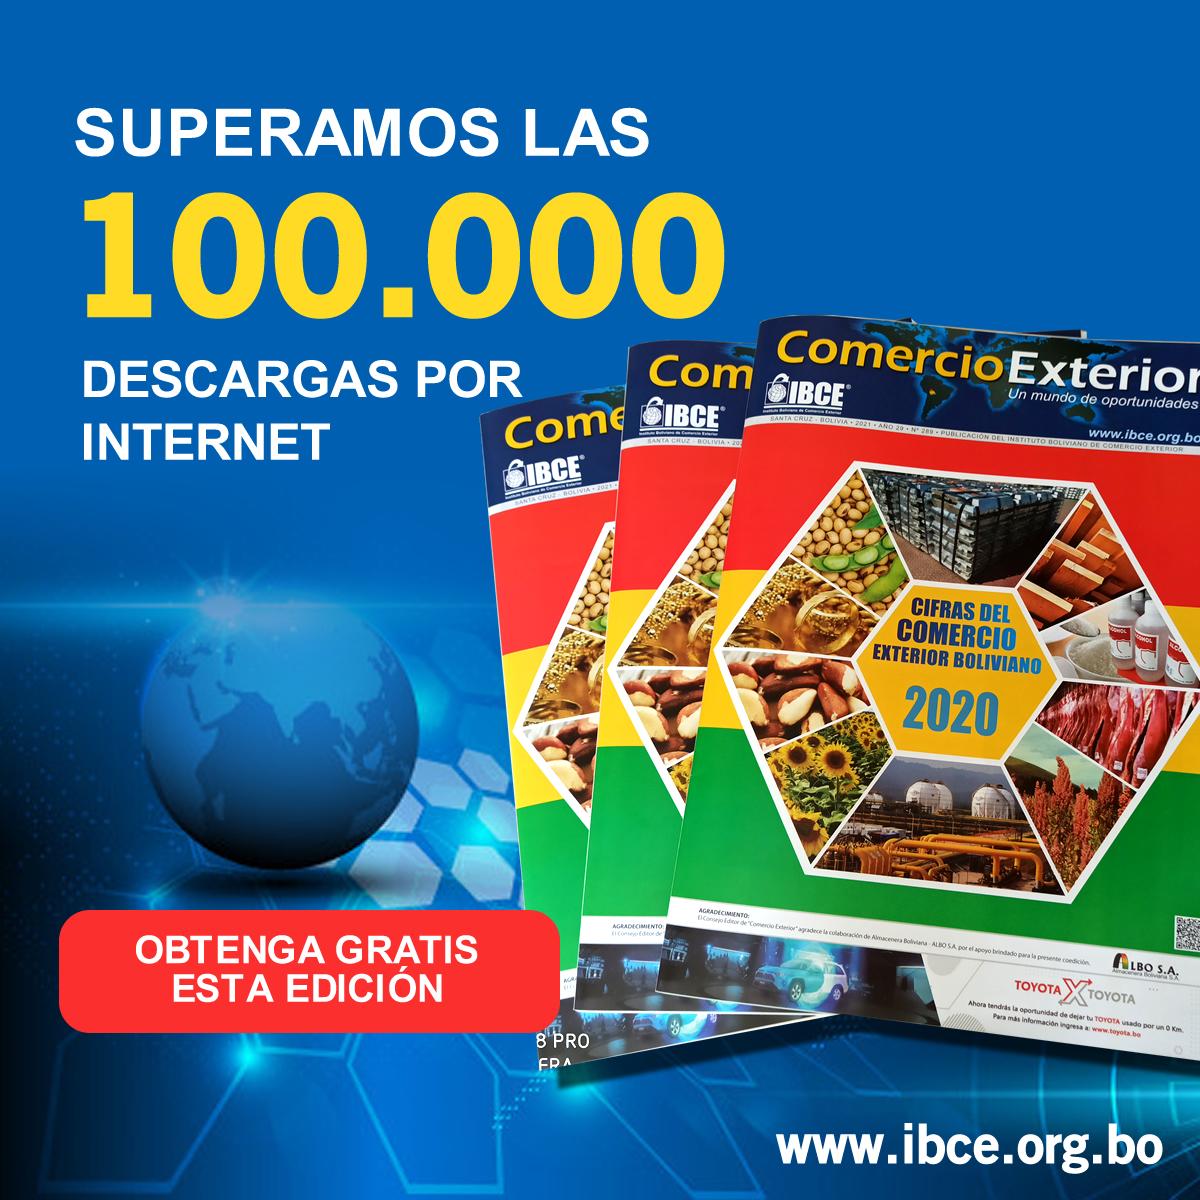 ¡Más de 100.000 descargas por Internet! ¿Ya descargaste esta edición especial del IBCE?